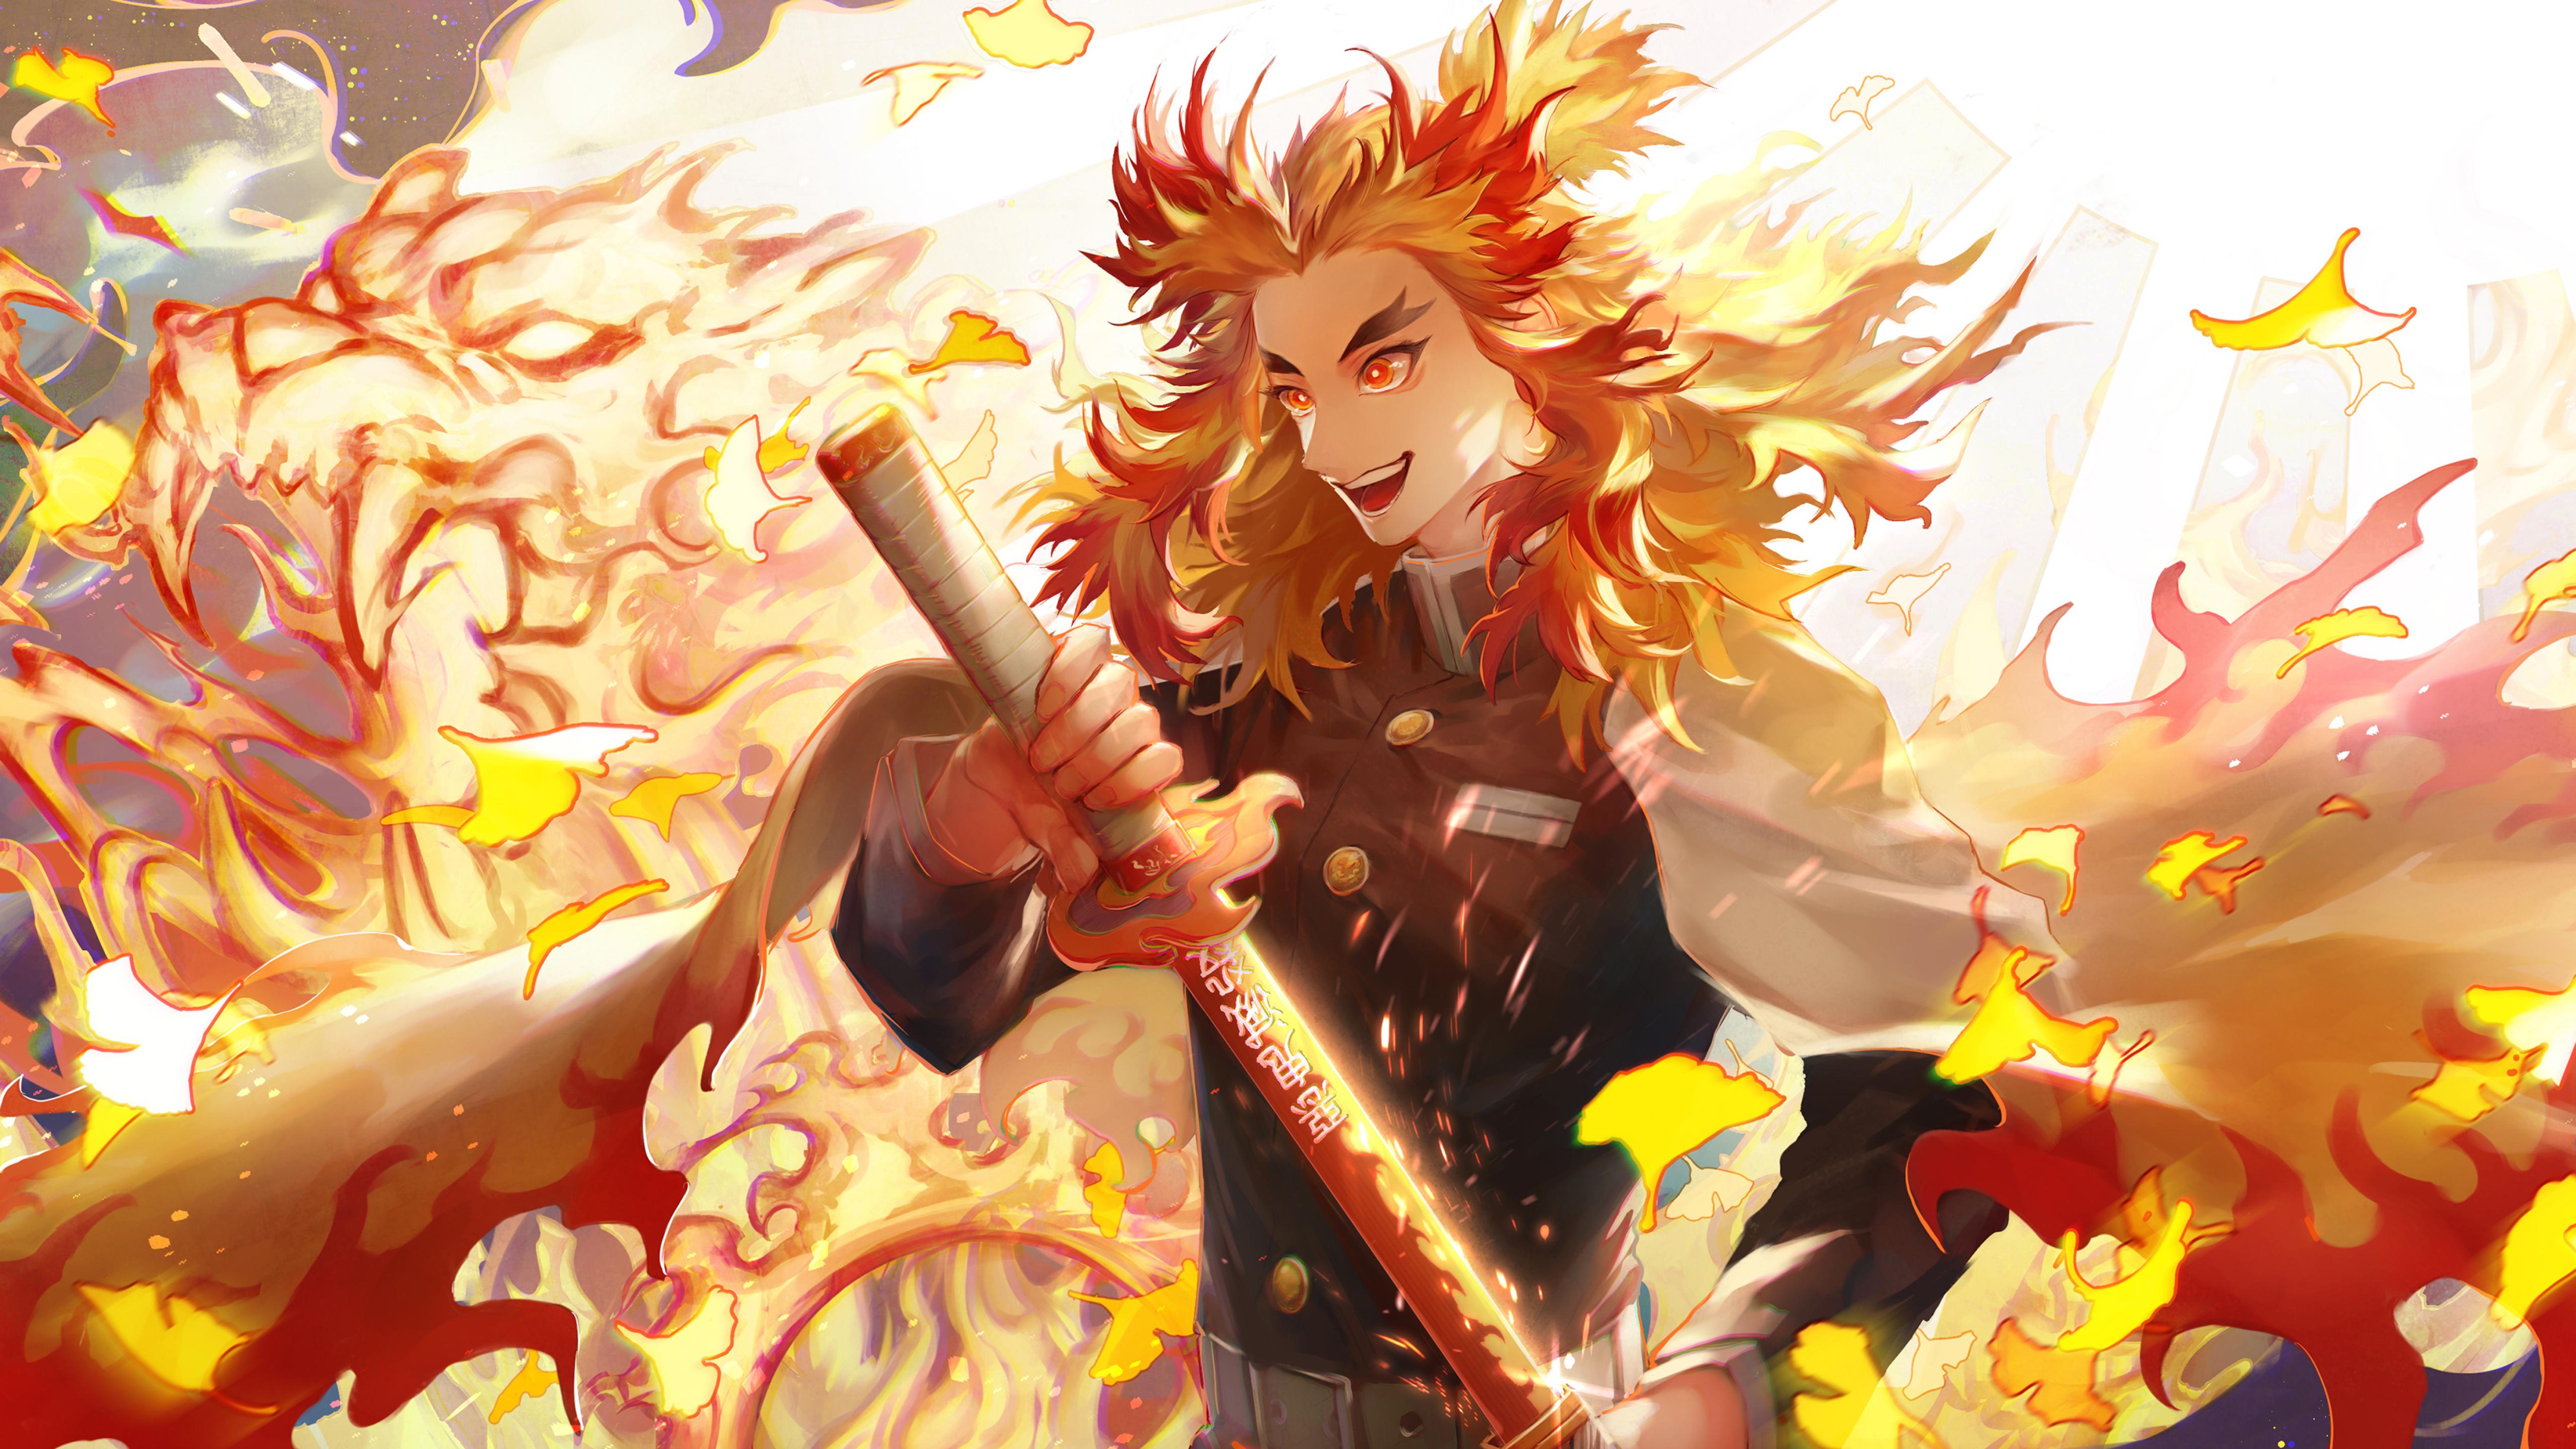 5120x2880 Rengoku Kyoujurou 4K 5K Wallpaper, HD Anime 4K ...